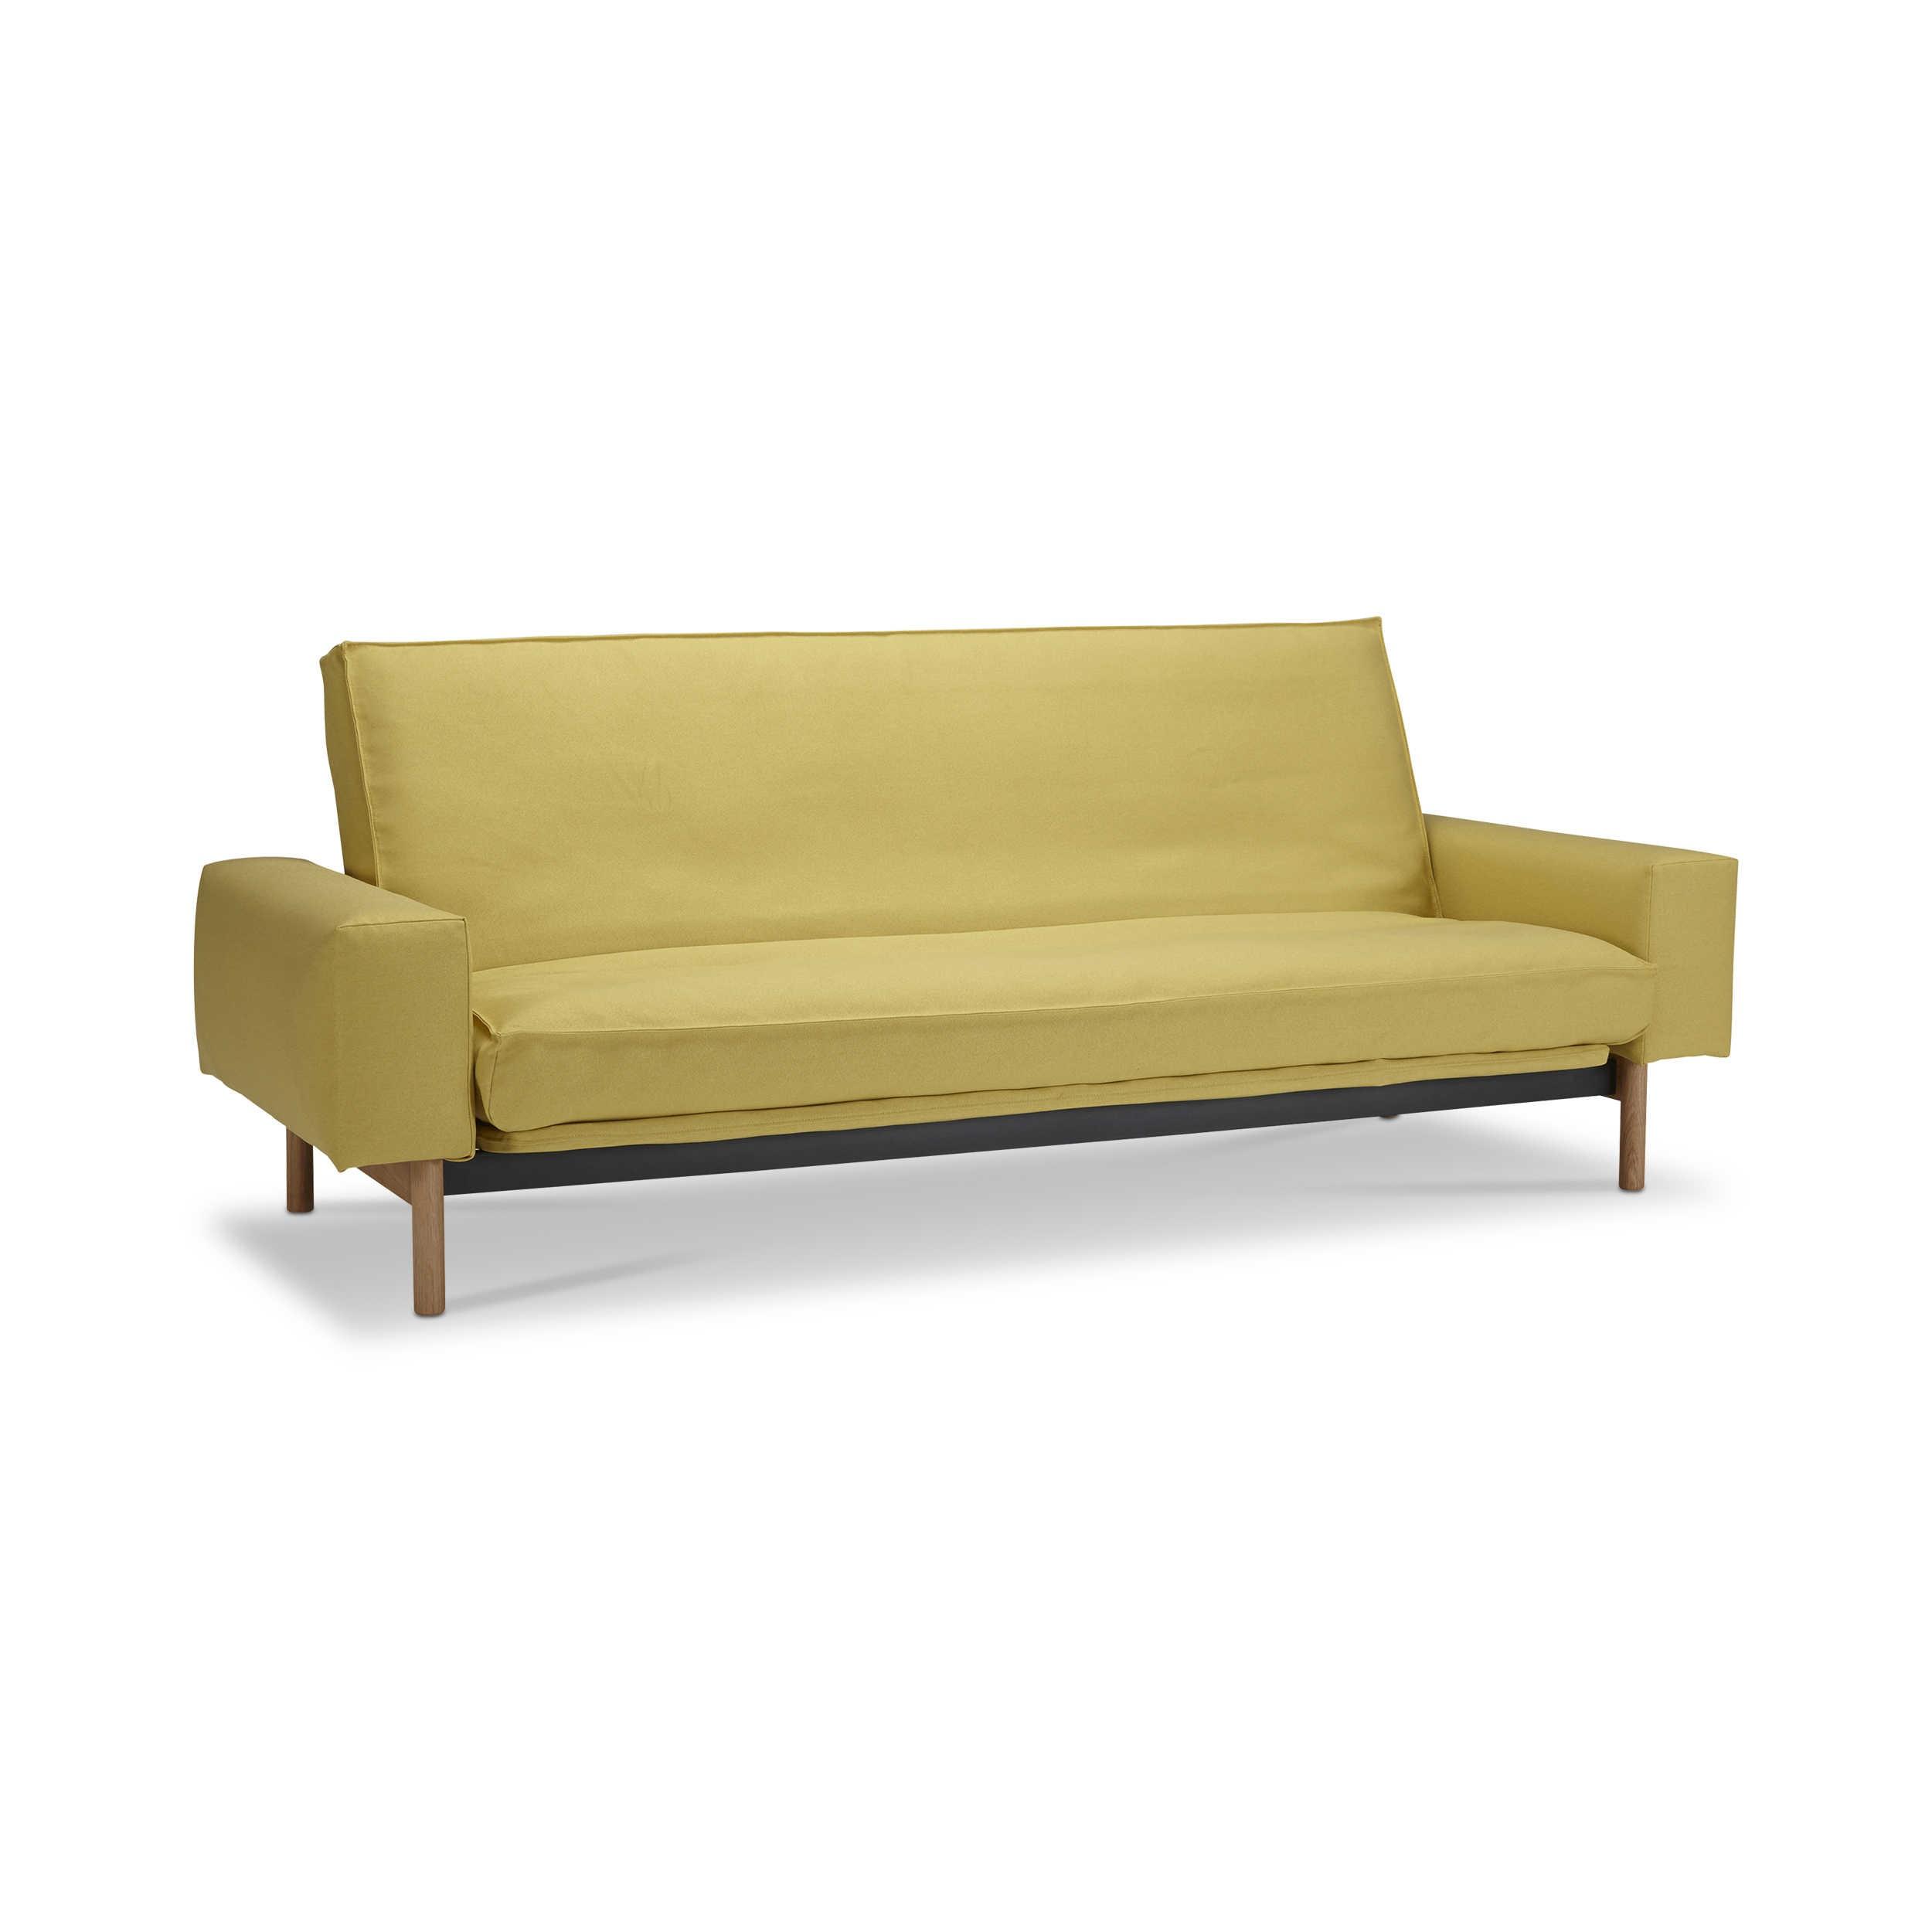 innovation schlafsofa mimer gelb stoff online kaufen bei woonio. Black Bedroom Furniture Sets. Home Design Ideas